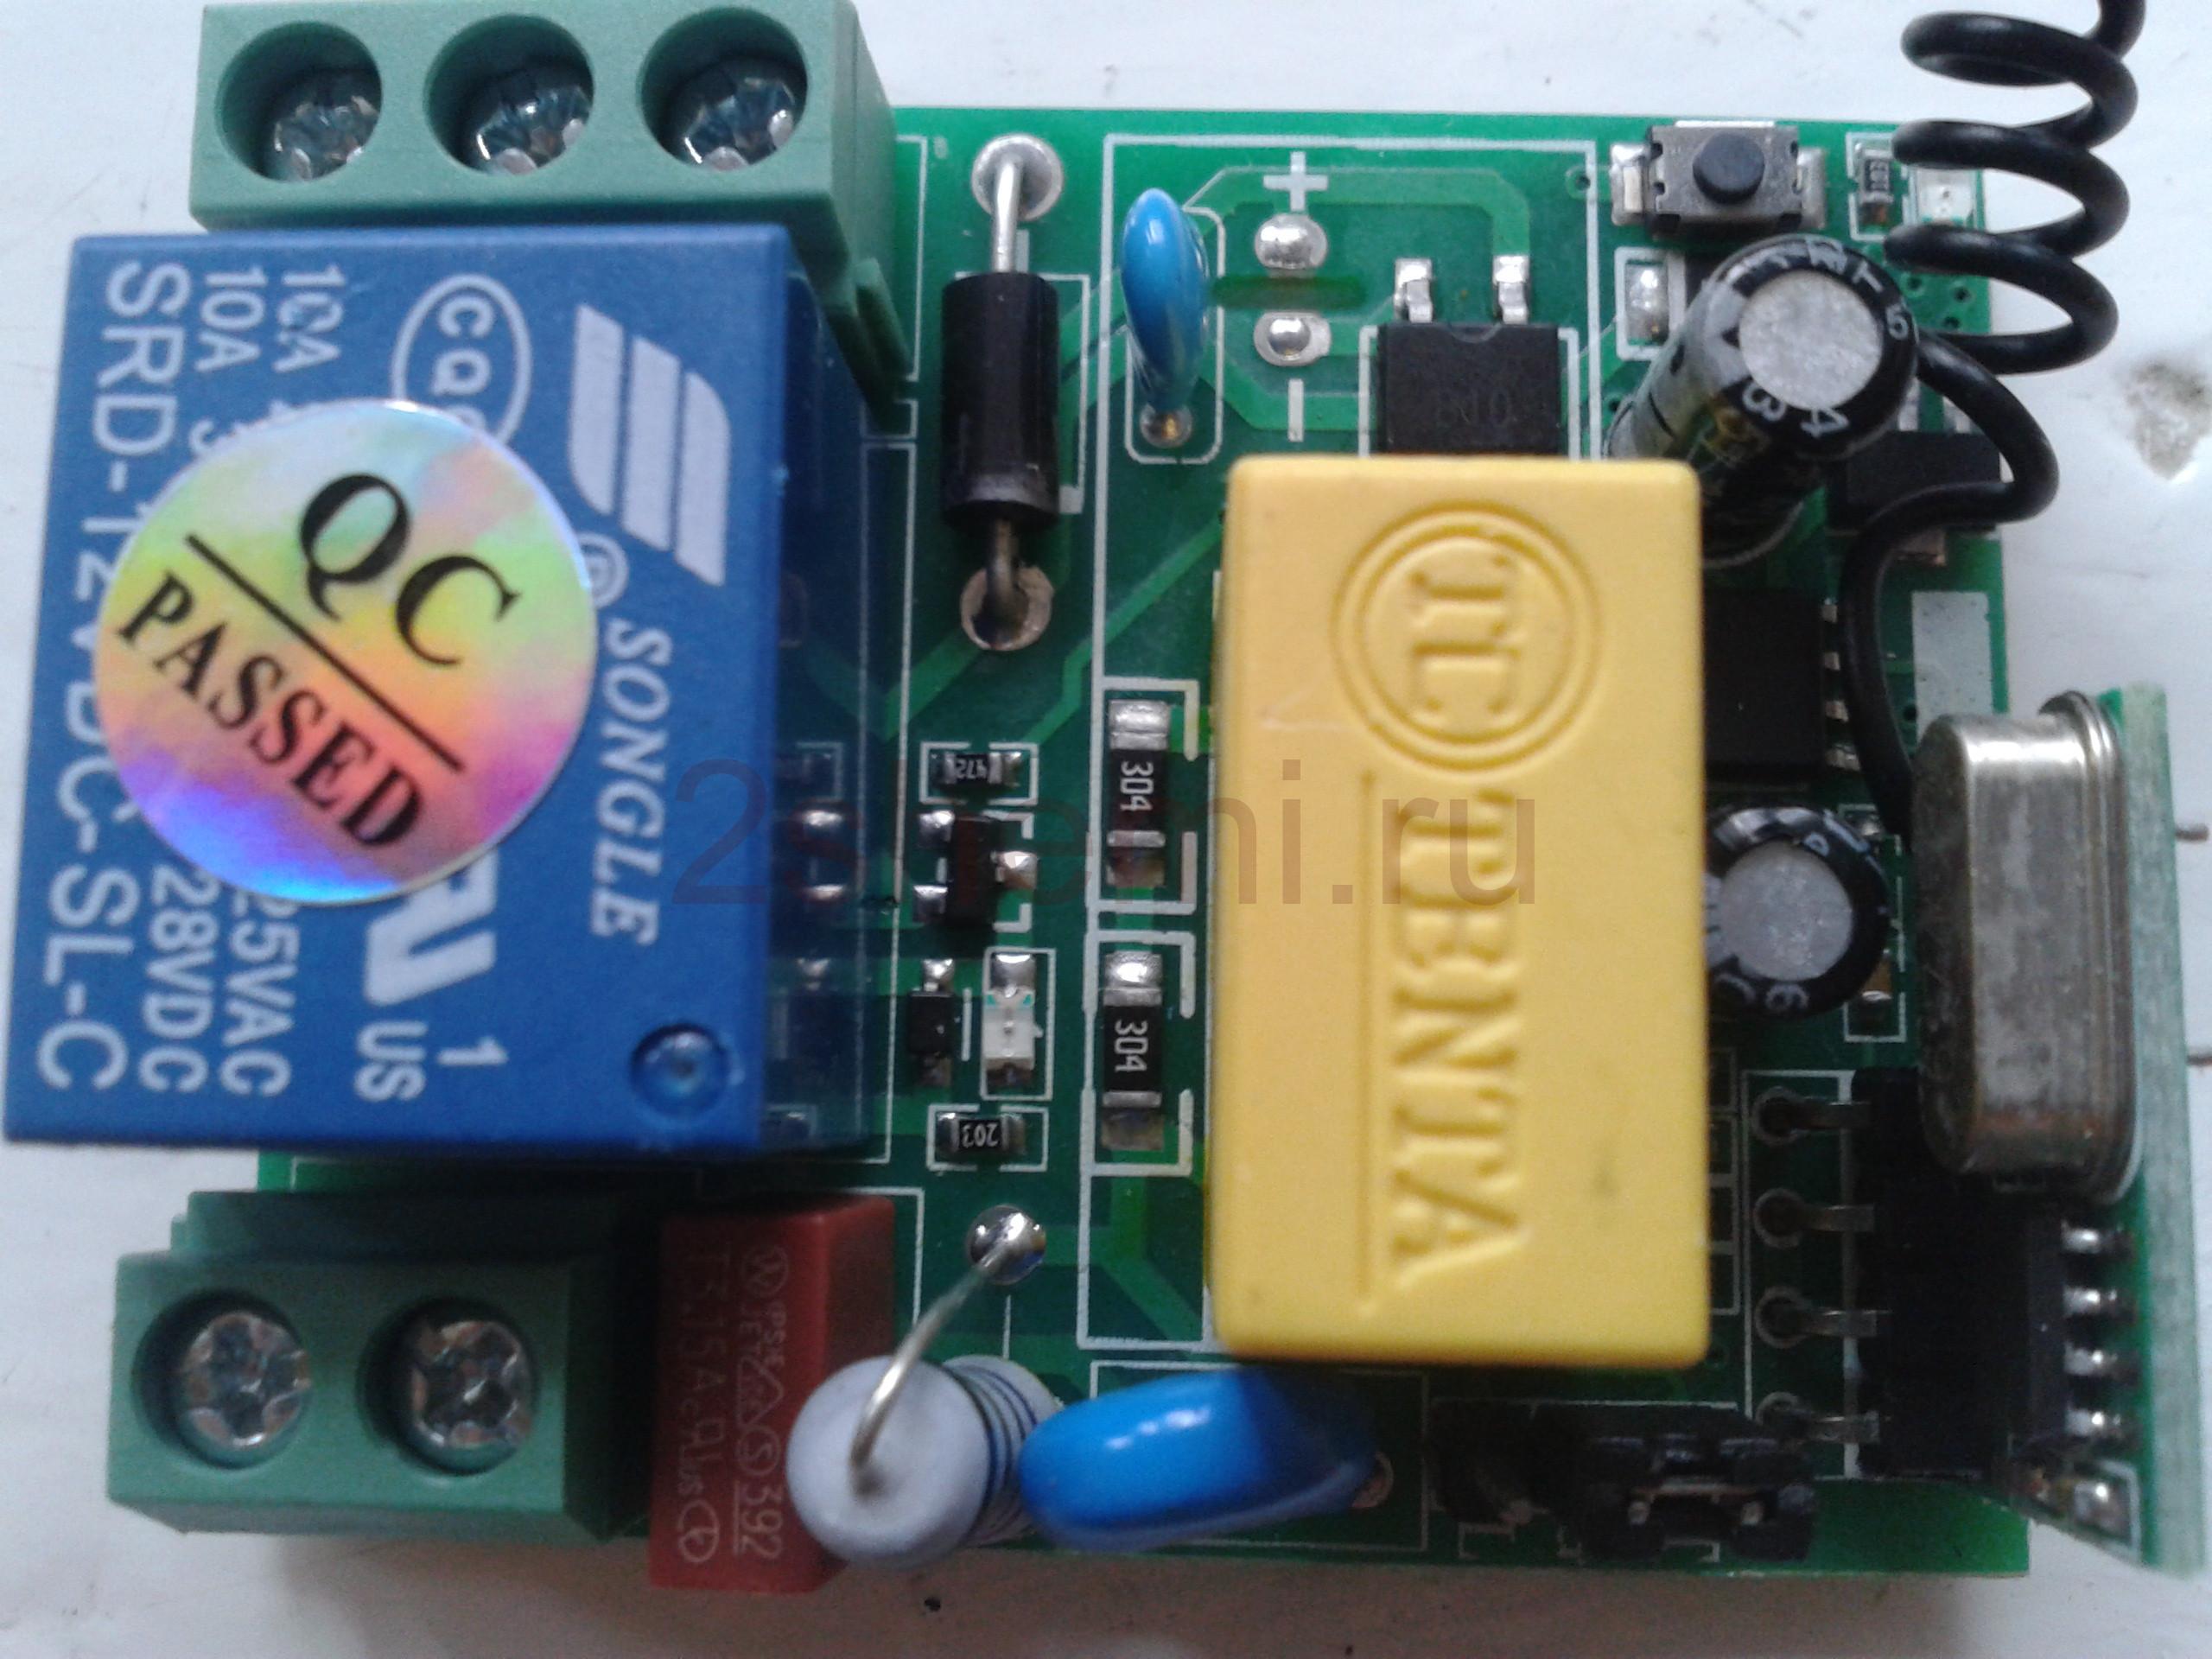 Радиореле на 220 В с пультом